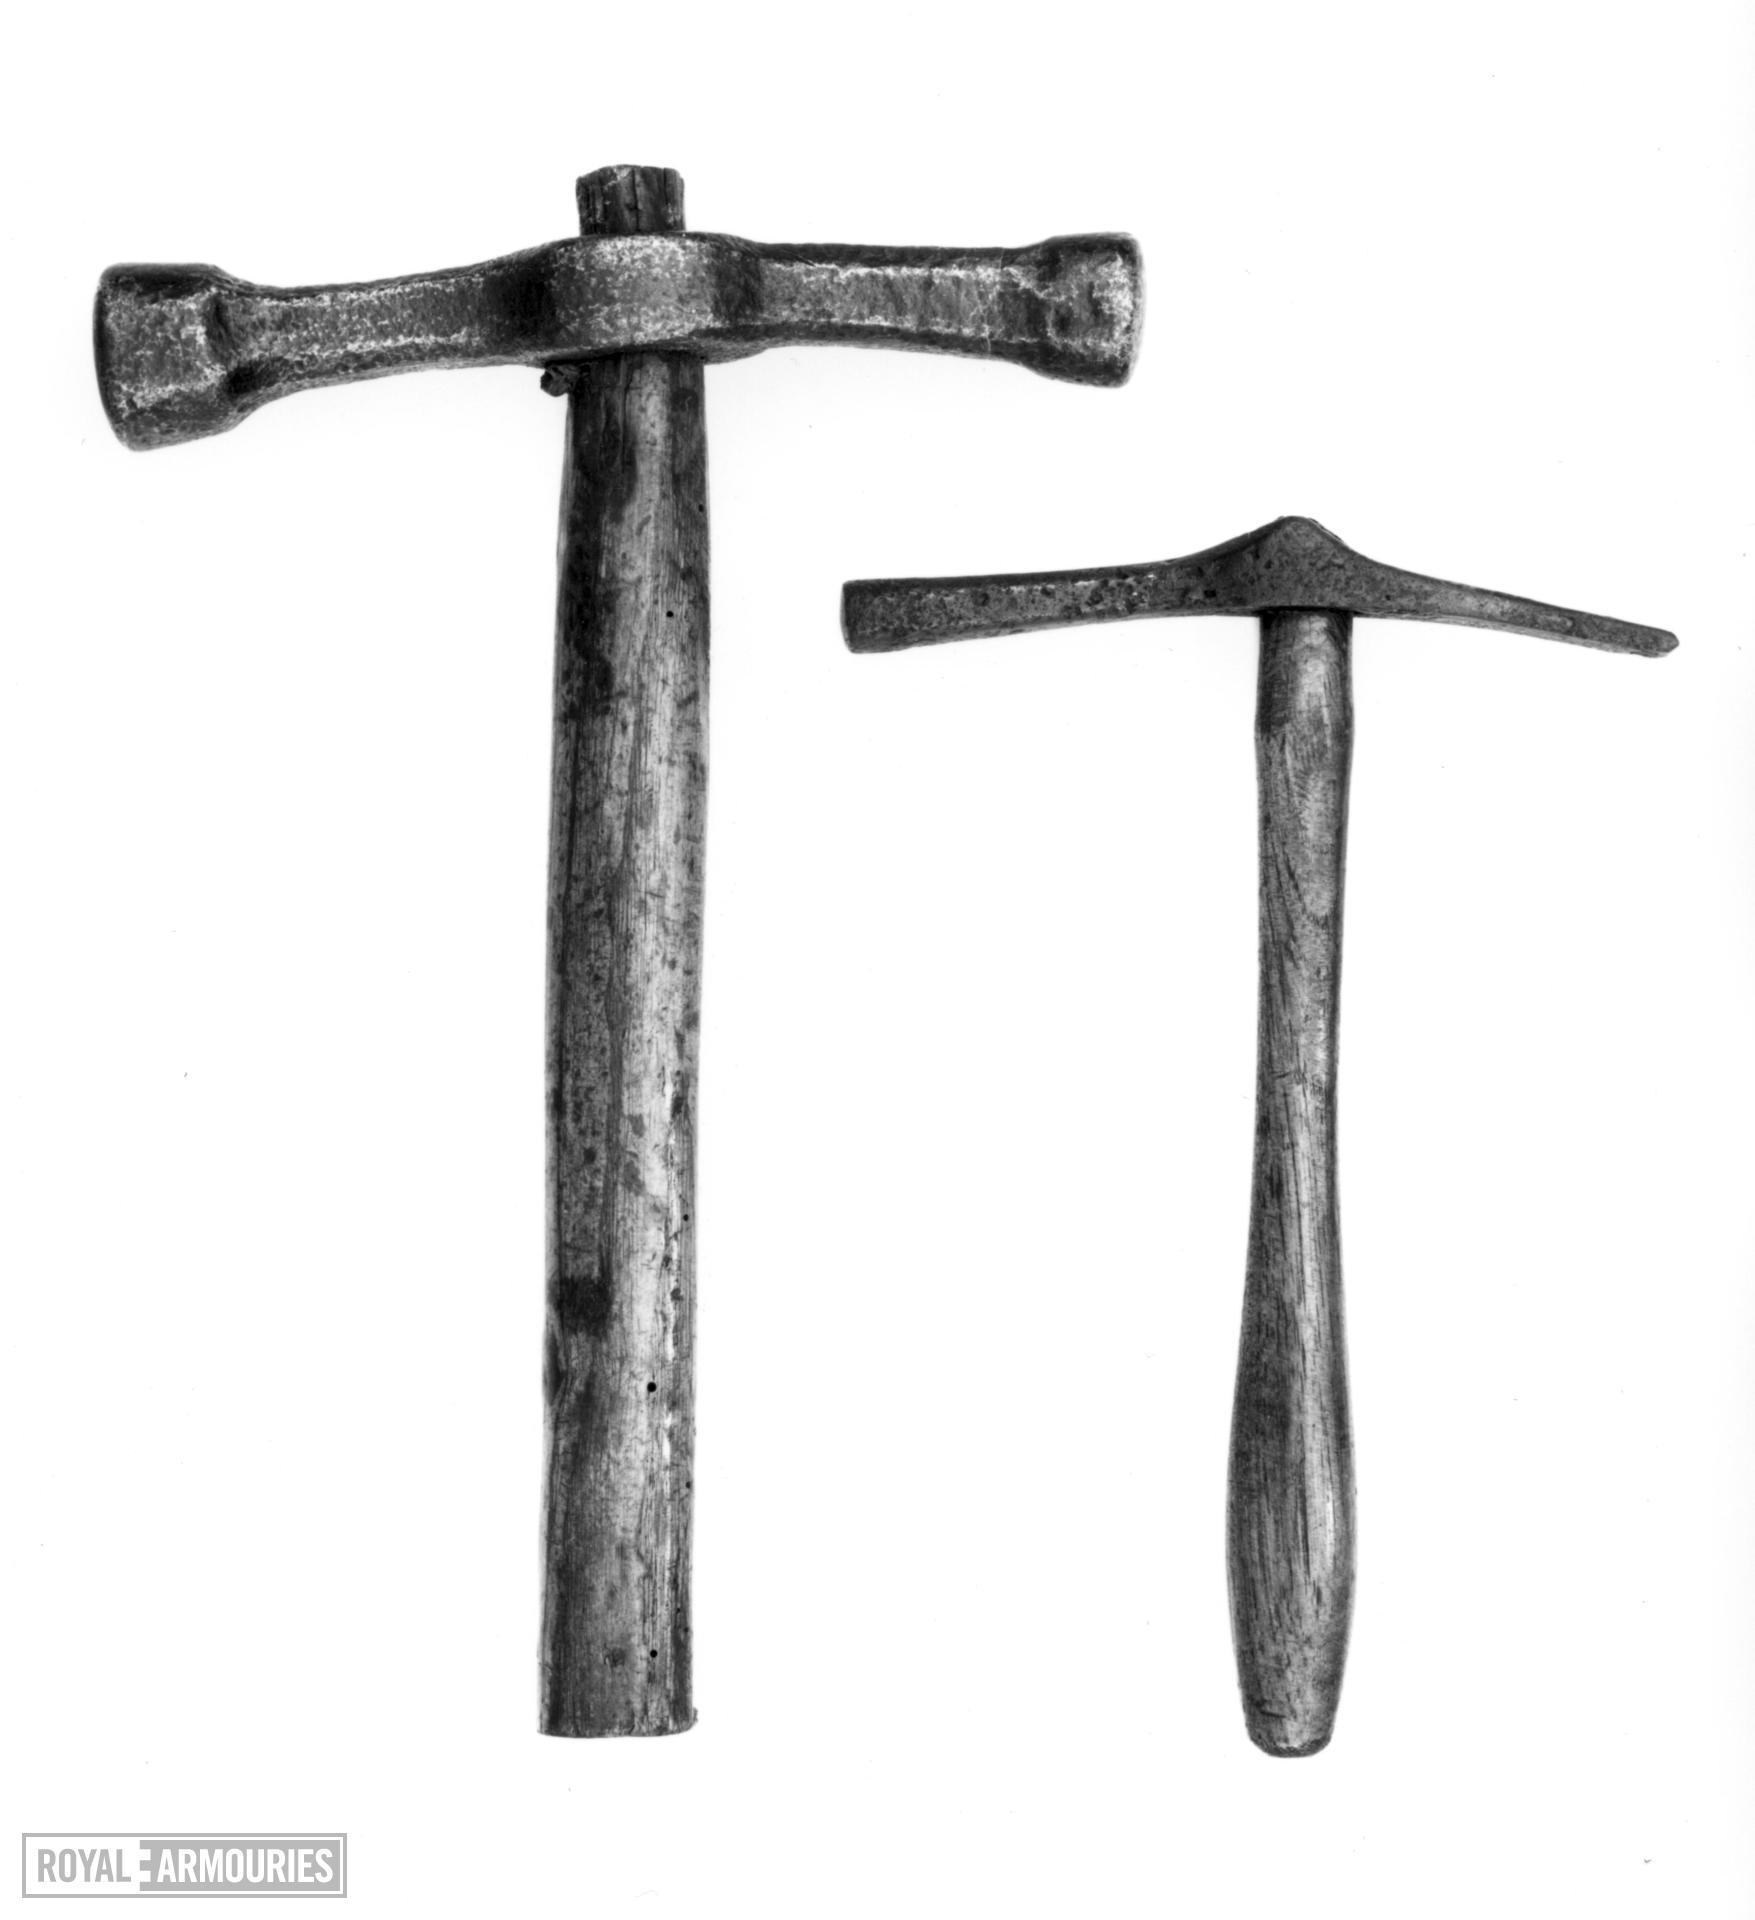 Planishing hammer